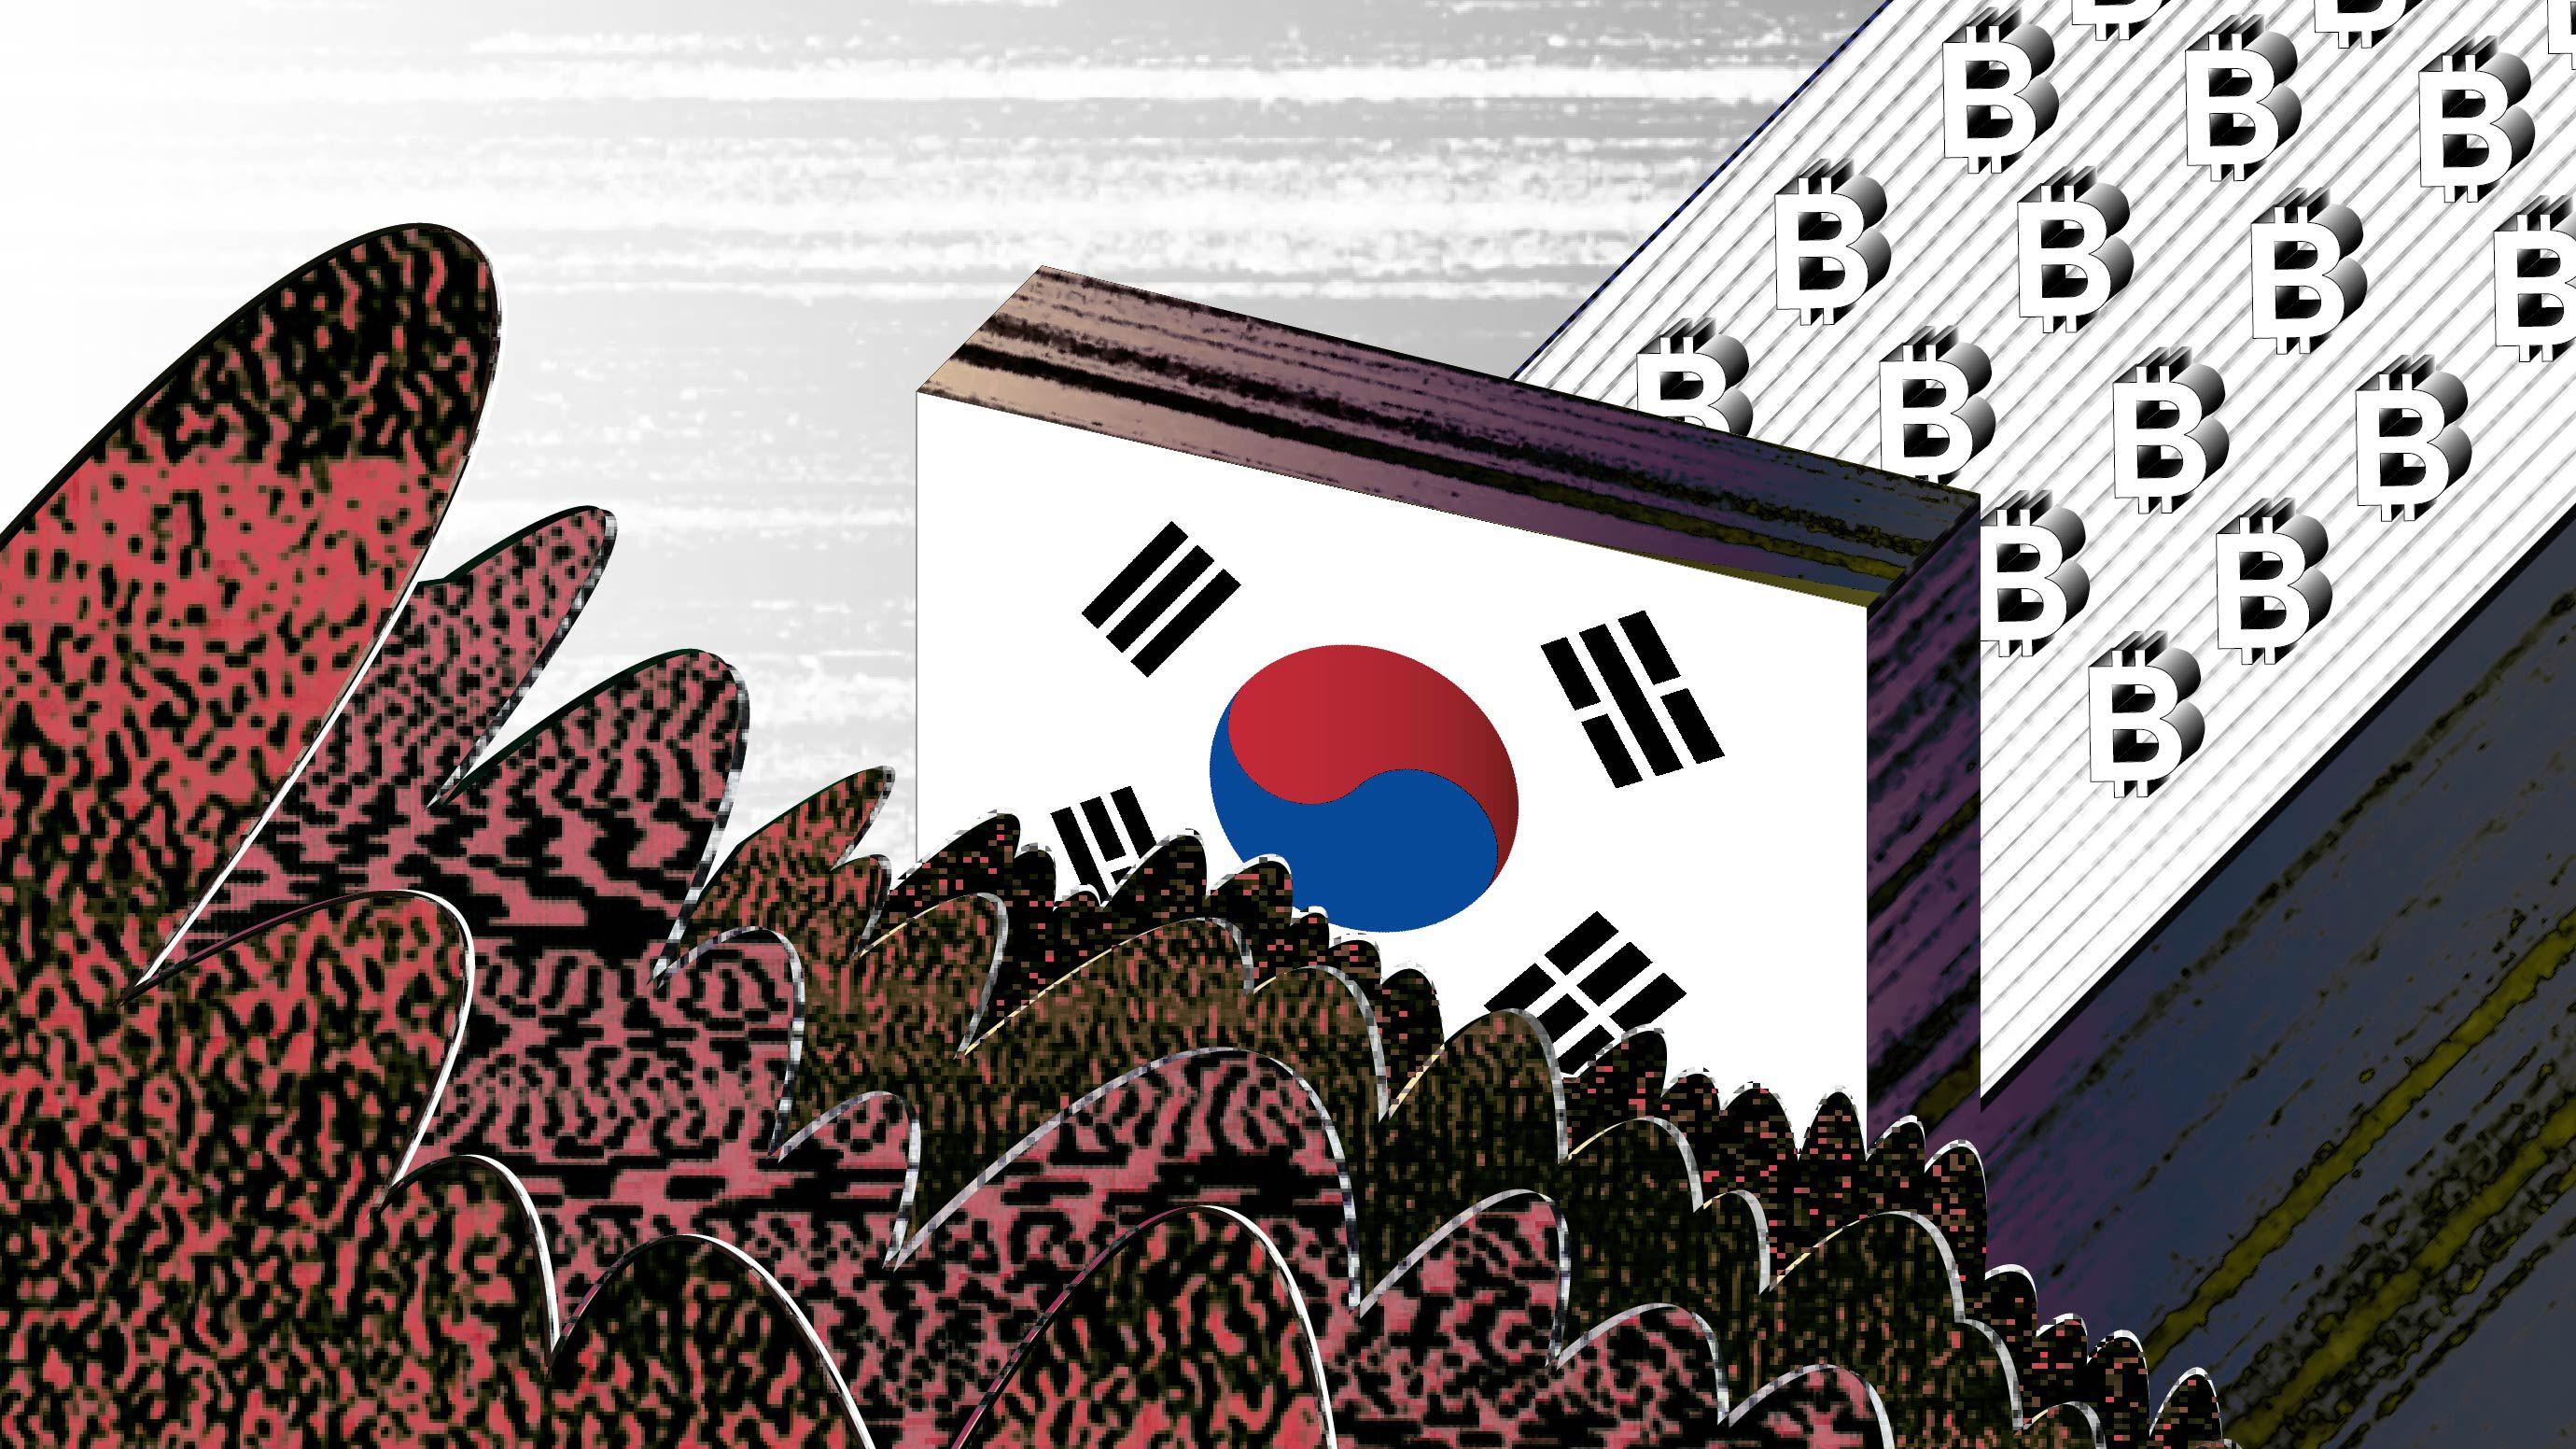 100万人が没頭 規制、北朝鮮にも負けない 韓国仮想通貨ブームの実態